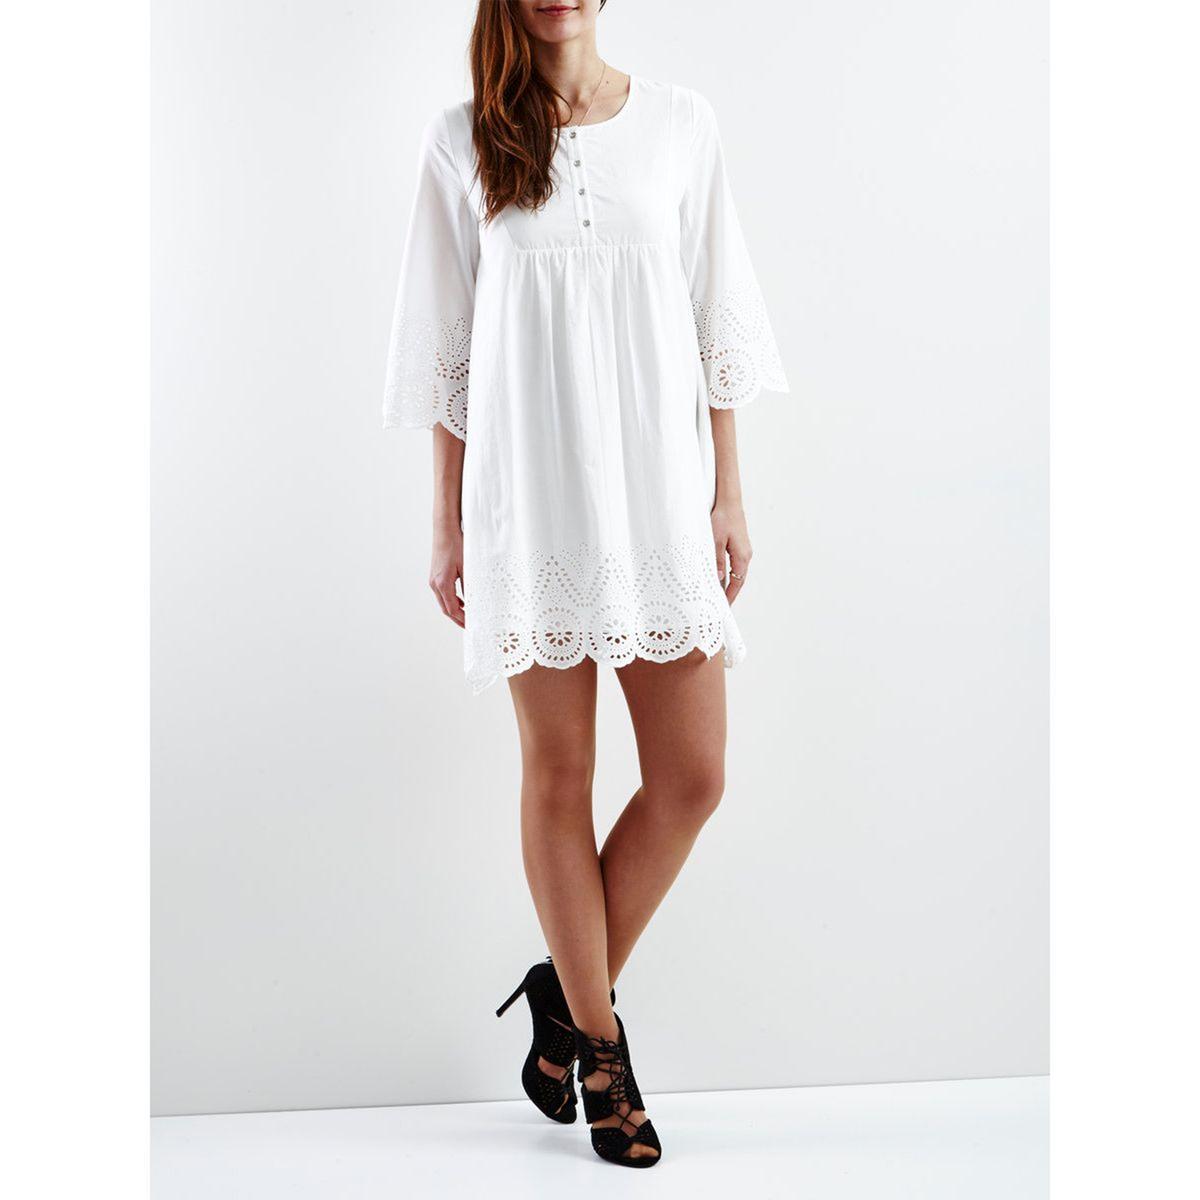 Платье объемное с вышитыми вставкамиМатериал : 100% хлопок  Длина рукава : длинные рукава  Форма воротника : Круглый вырез Покрой платья : расклешенное платье Рисунок : однотонная модель   Длина платья : до колен<br><br>Цвет: белый